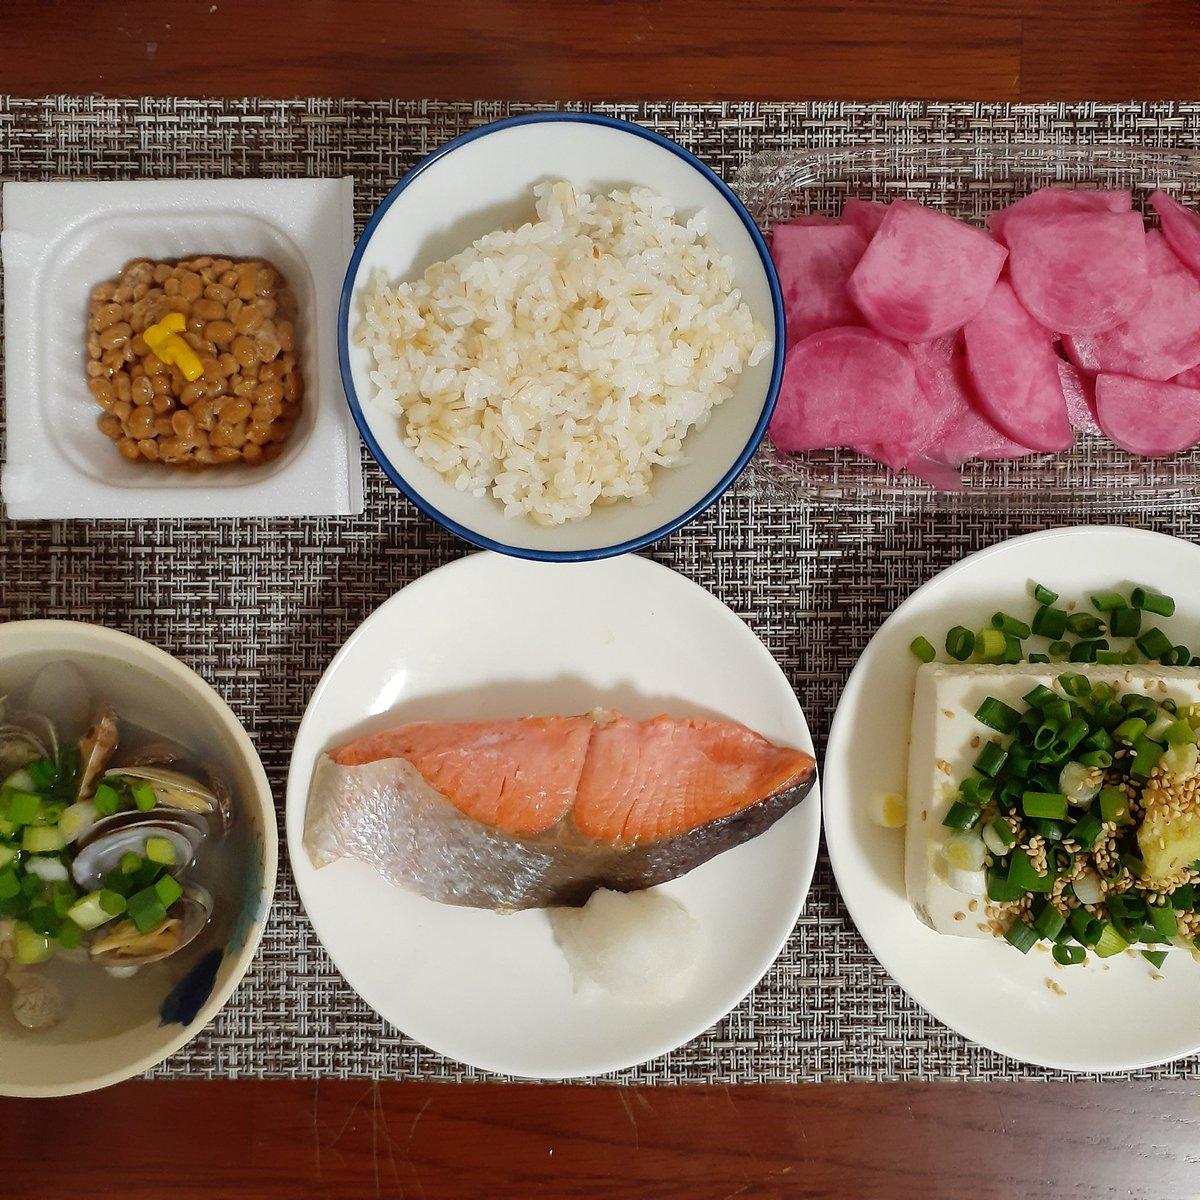 純和風なメニュー。ごま油ひとさじ加えたしょうがあさり汁は絶品です#ロカボ #ダイエットメニュー #ダイエット食 #ダイエット垢 #ダイエット垢さんと繋がりたい  #lowcarb #dietfood #fitfood #enzyme #dietcleanse #japanesecuisine #japanesefood  #salmon #clam #tofu #natto #tsukemono #ricepic.twitter.com/woIgnNRbia